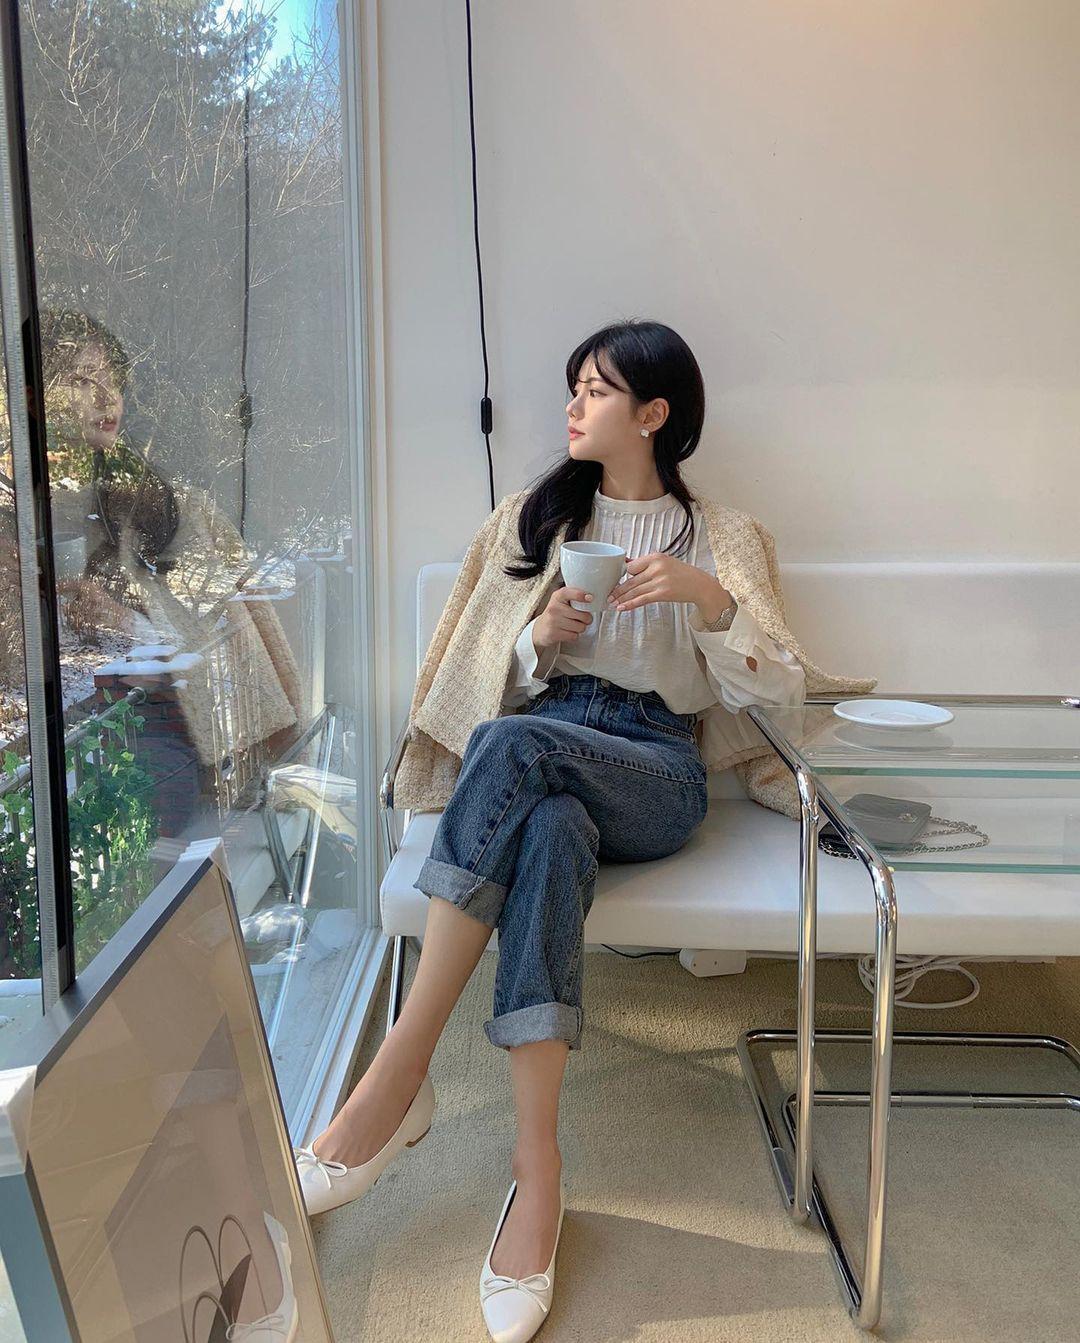 Kiểu giày búp bê hot nhất mùa Xuân: Diện với quần jeans hay váy đều xịn đẹp Ảnh 2